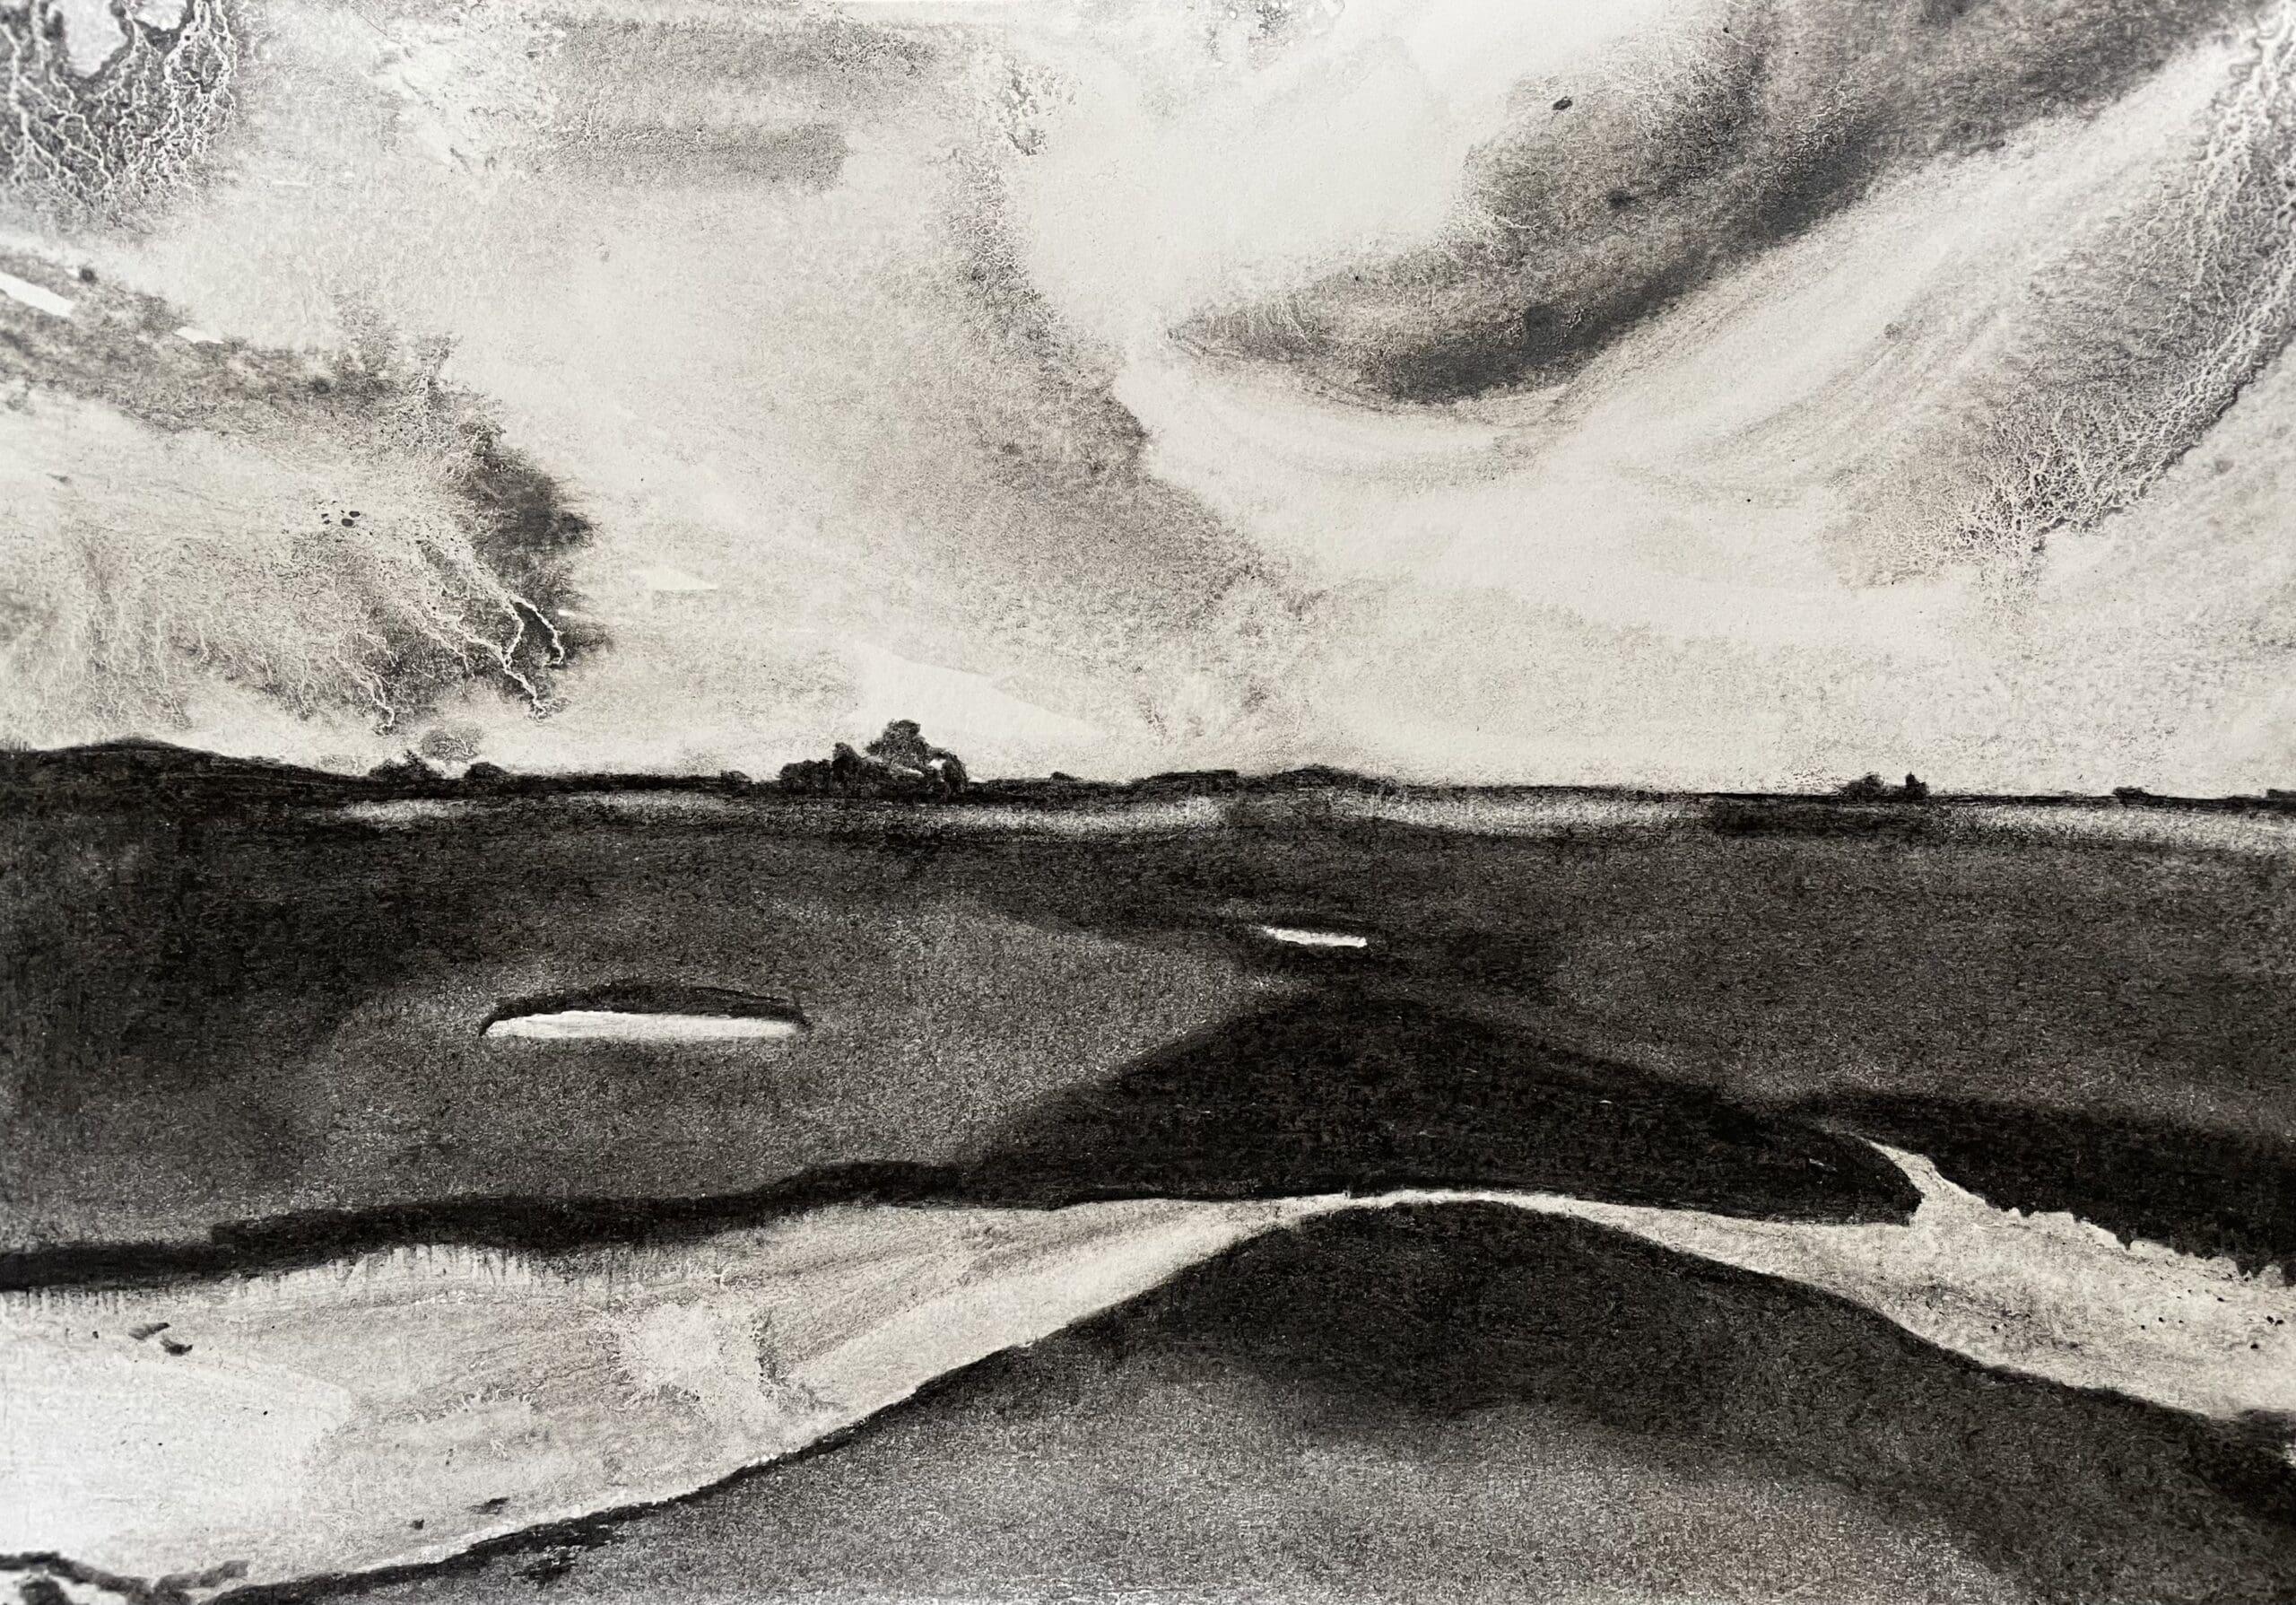 Stiffkey VII charcoal drawing